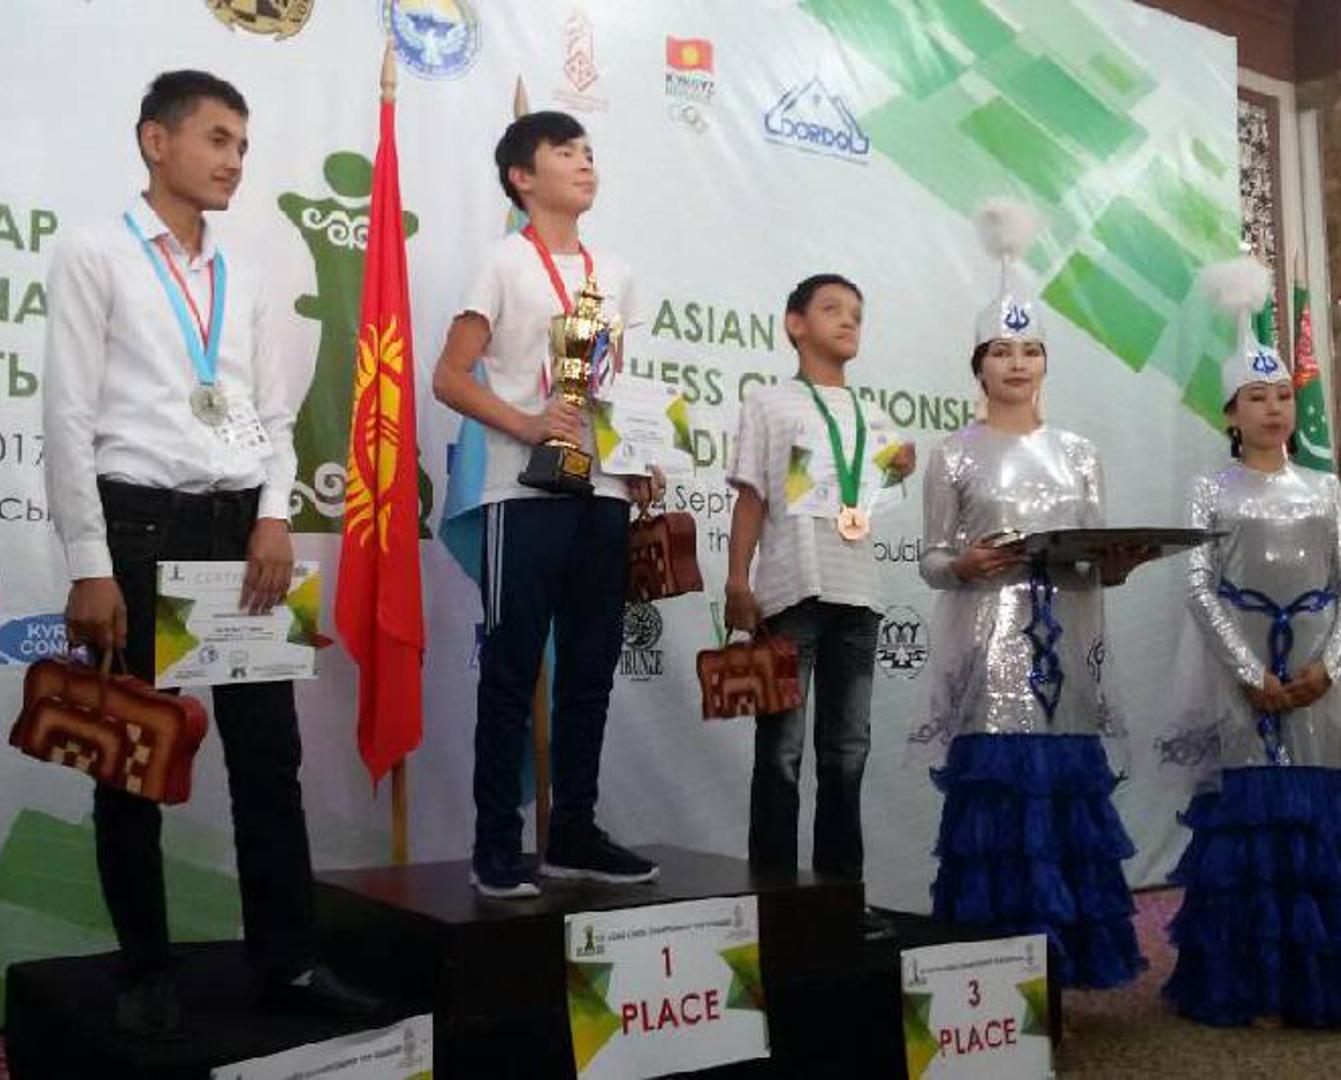 Сұлтан Қожахметов шахматтан мүгедек балалар арасында Азия чемпионы атанды